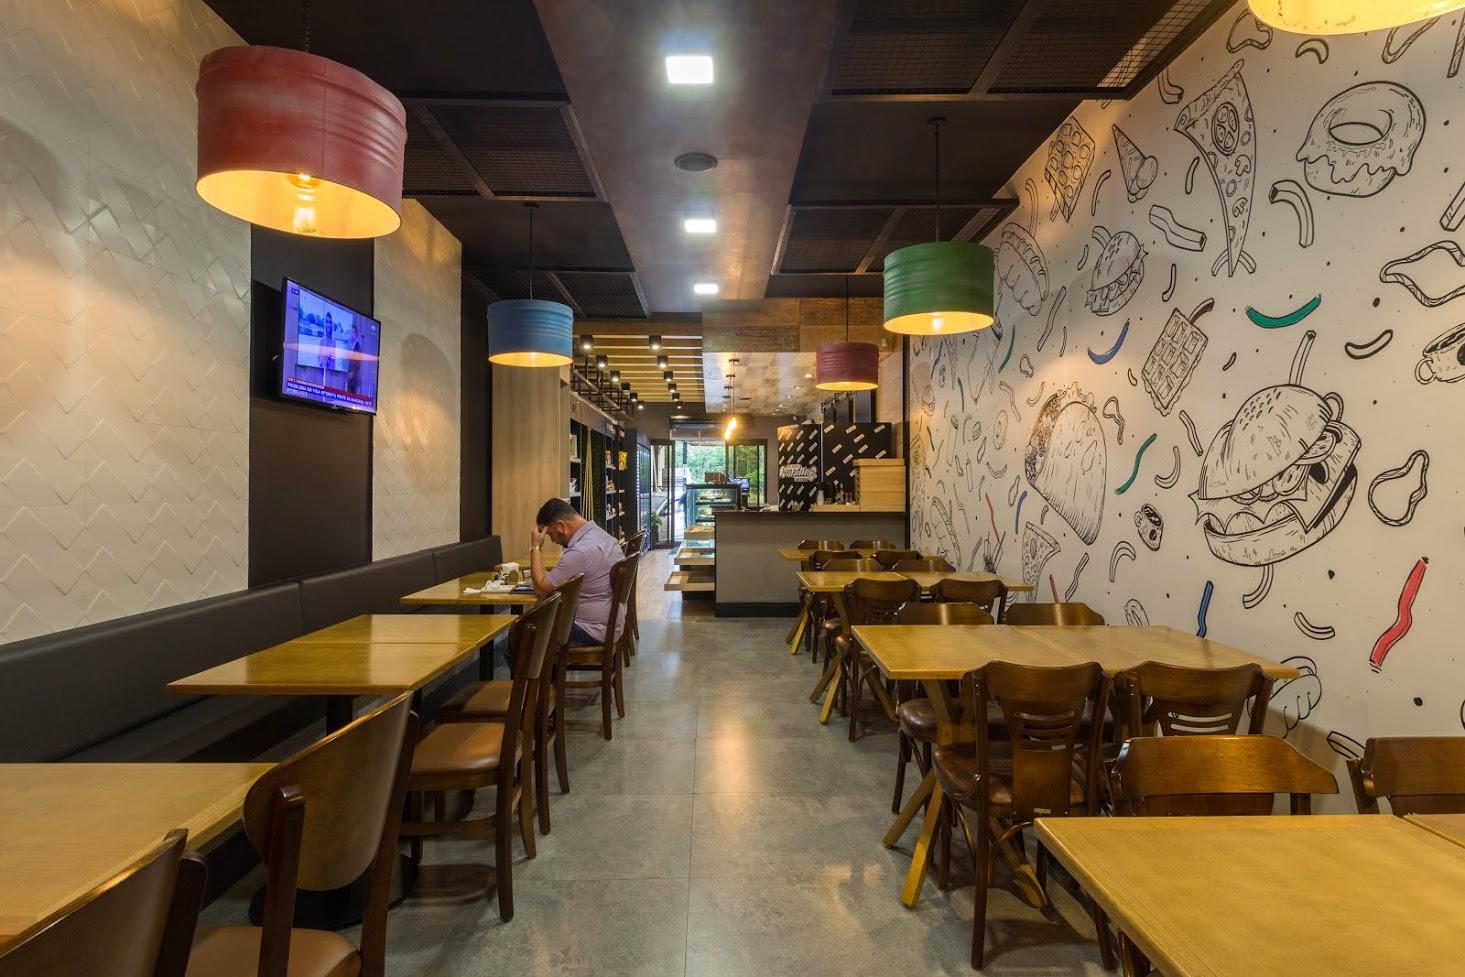 Tambores de ferro-velho foram restaurados e usados como luminárias na cafeteria 'Mas será o Benedito?', em Contenda. O projeto é de Givago Ferentz Arquitetura  Foto: Gustavo Lupian / Divulgação